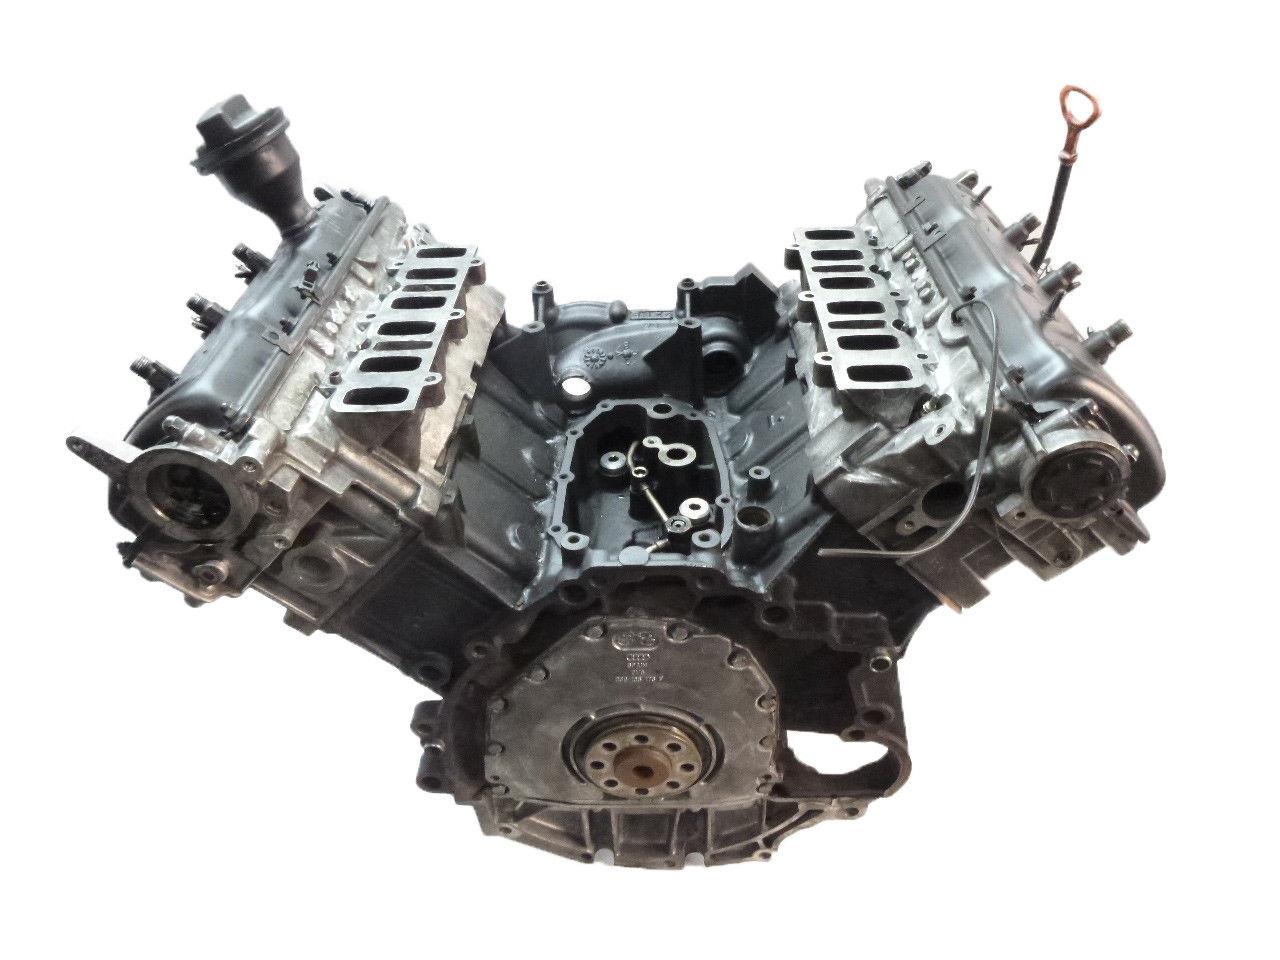 Motori Revisione Riparazione Riparazione Audi Skoda VW A4 A6 2,5 TDI V6 AFB